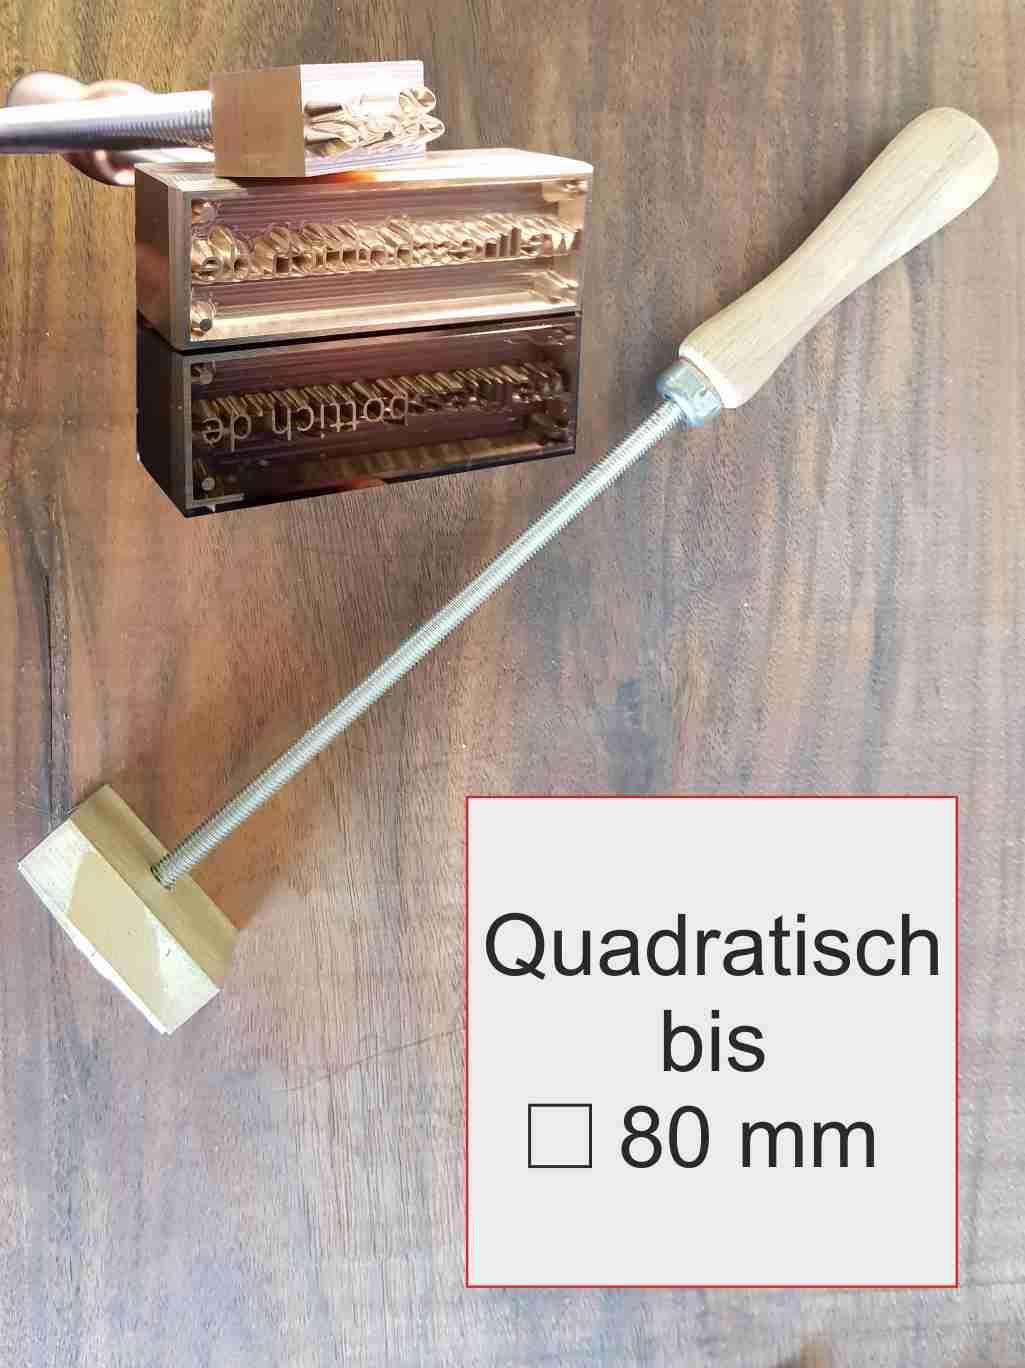 Brandstempel manuell quadratisch | max 80 mm